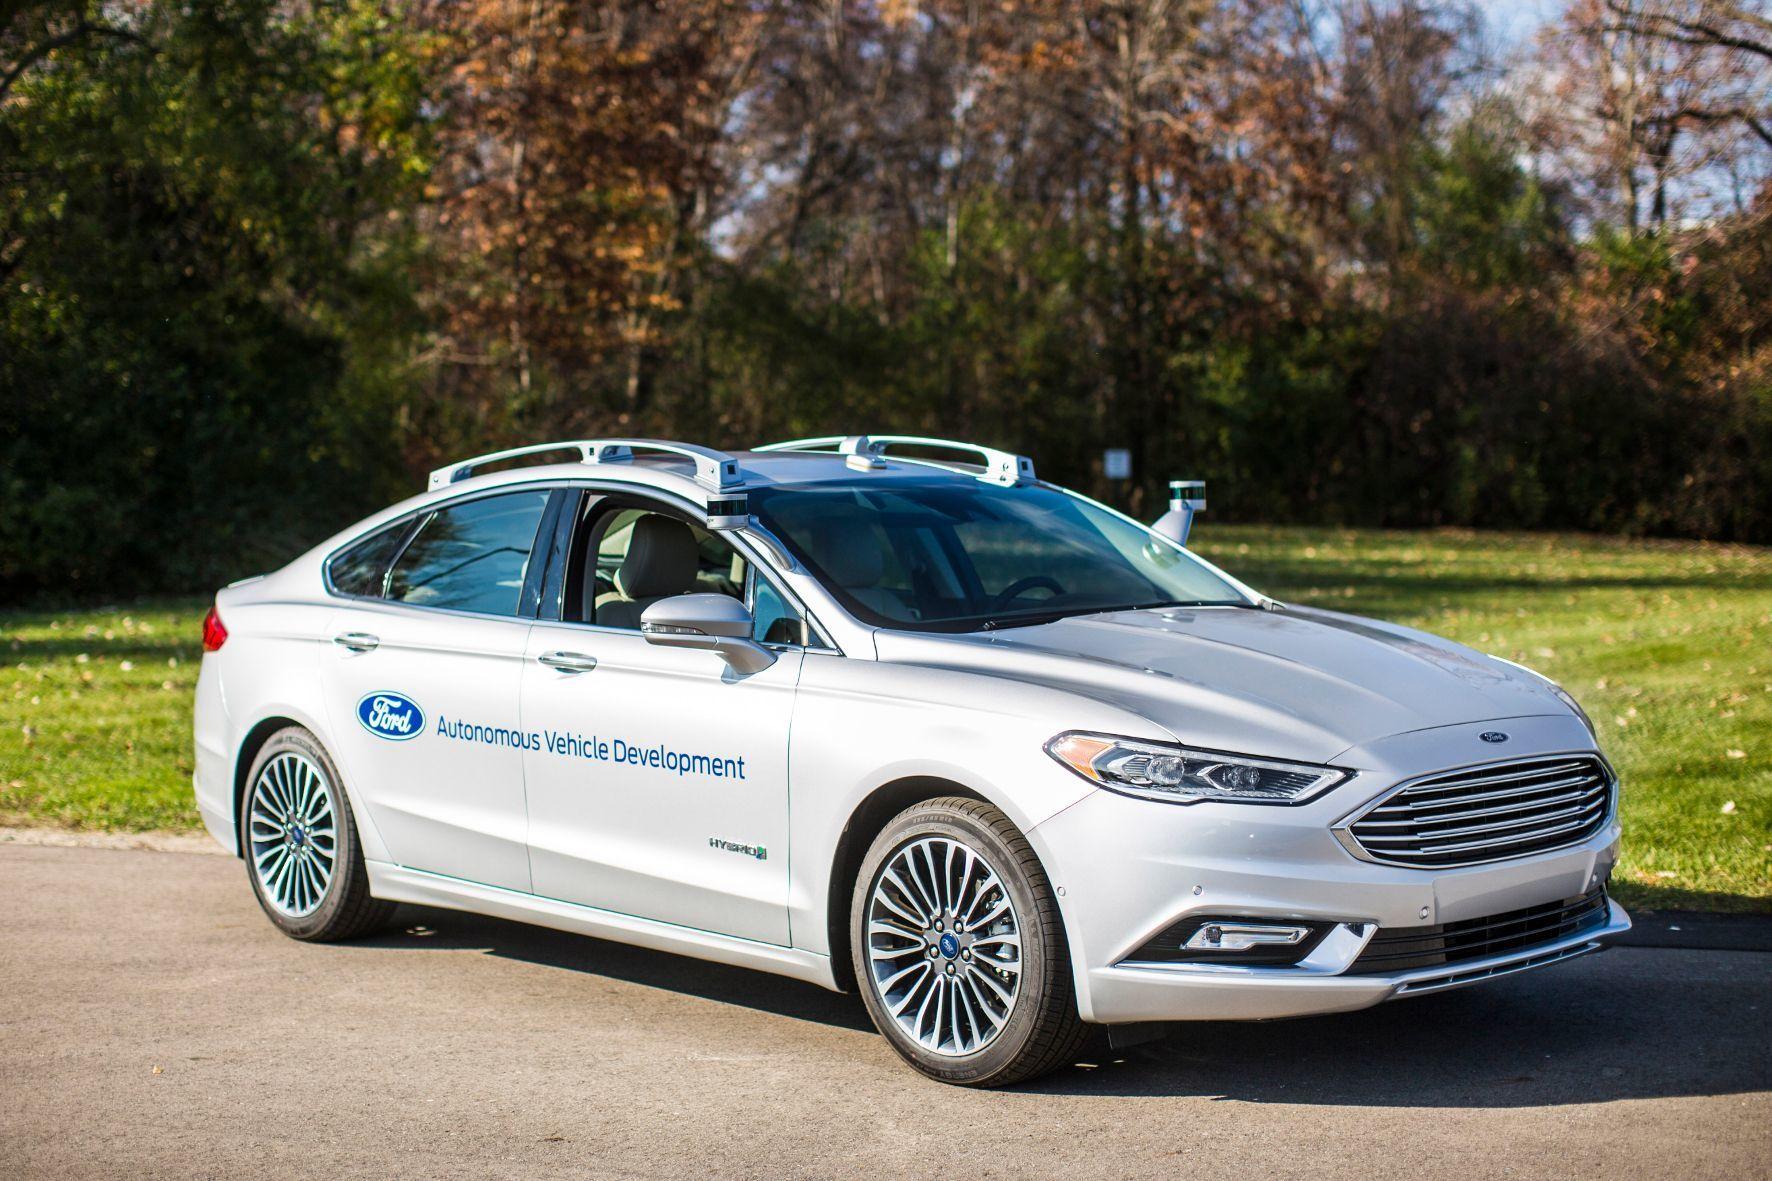 mid Groß-Gerau - Ford tüftelt am selbstfahrenden Auto und schickt dazu das erst kürzlich präsentierte Ford Fusion Hybrid Autonomous Development Vehicle auf Erprobungsfahrt.